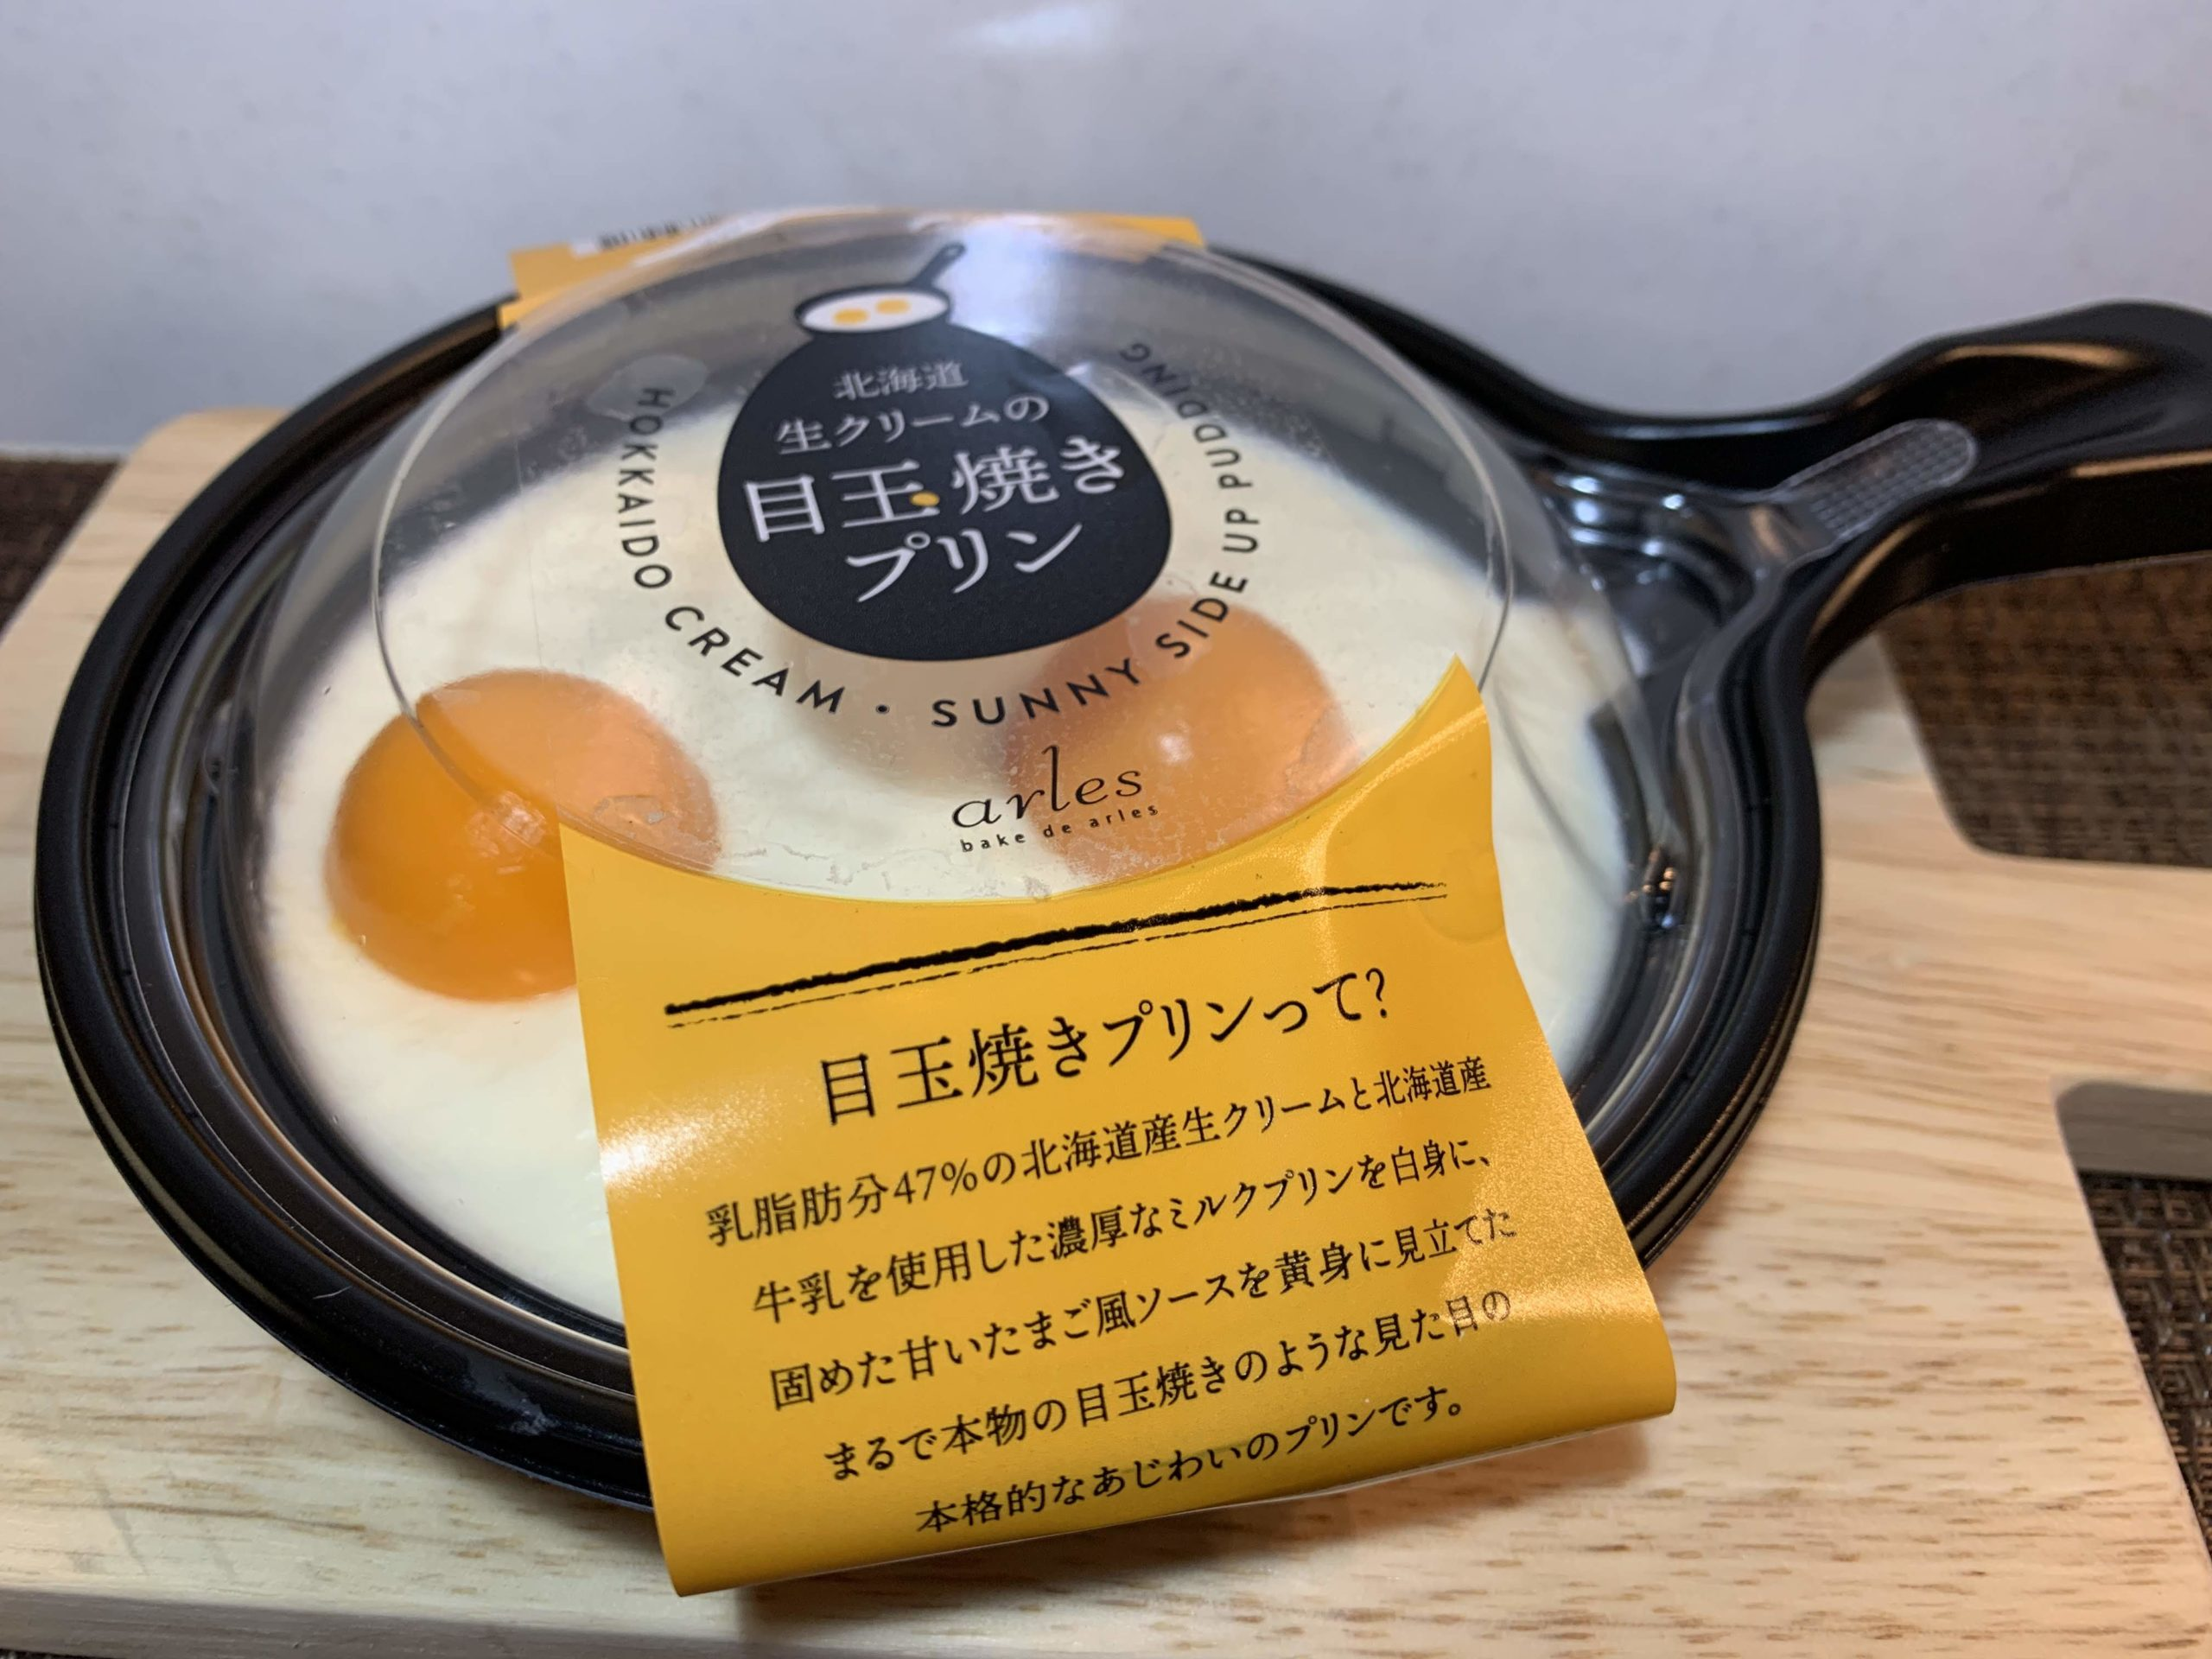 北海道生クリームの目玉焼きプリンって美味しい?値段やカロリーは?